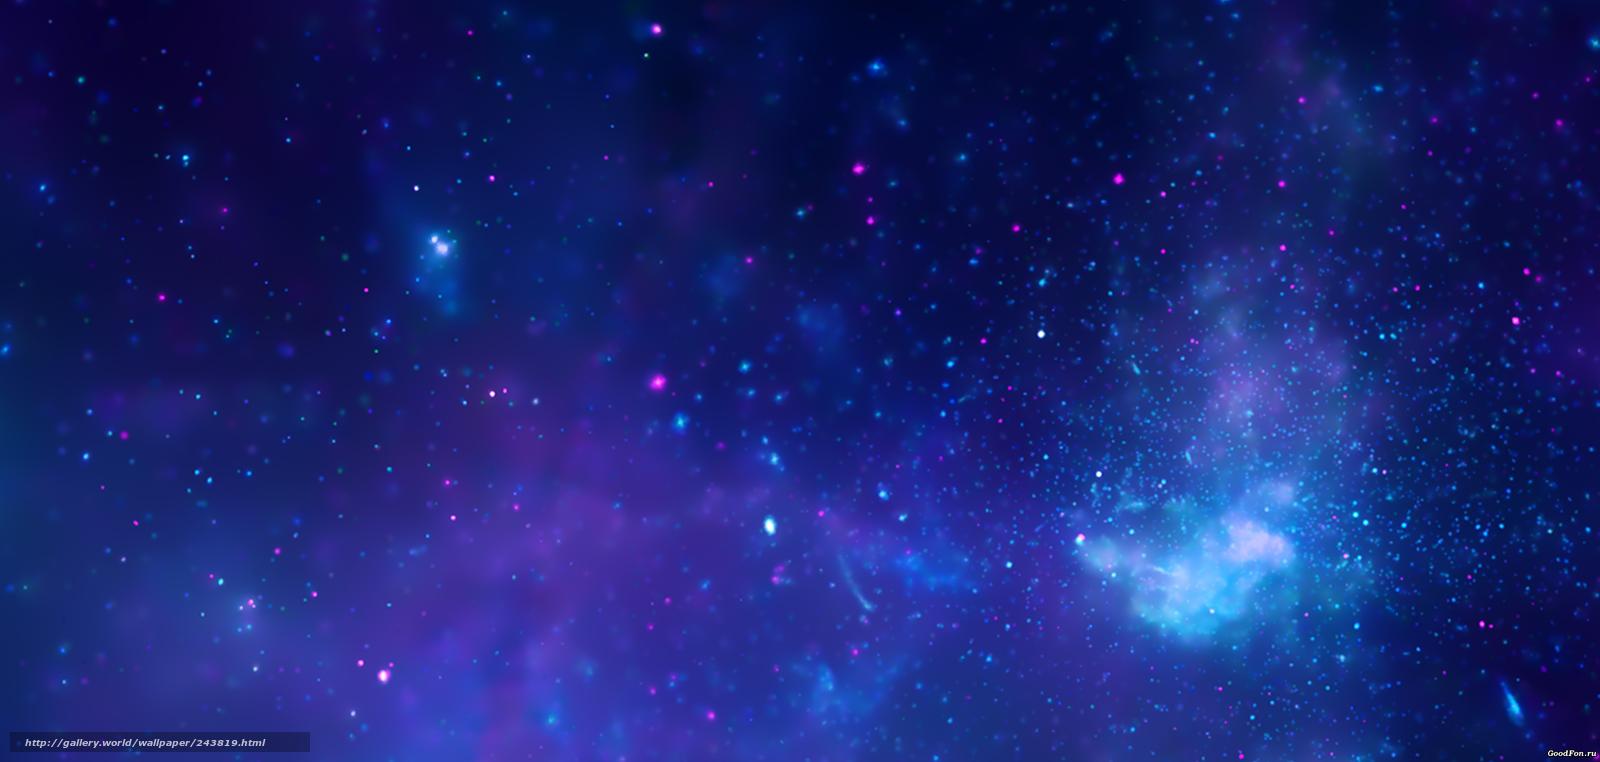 Скачать обои космос звезды бесплатно